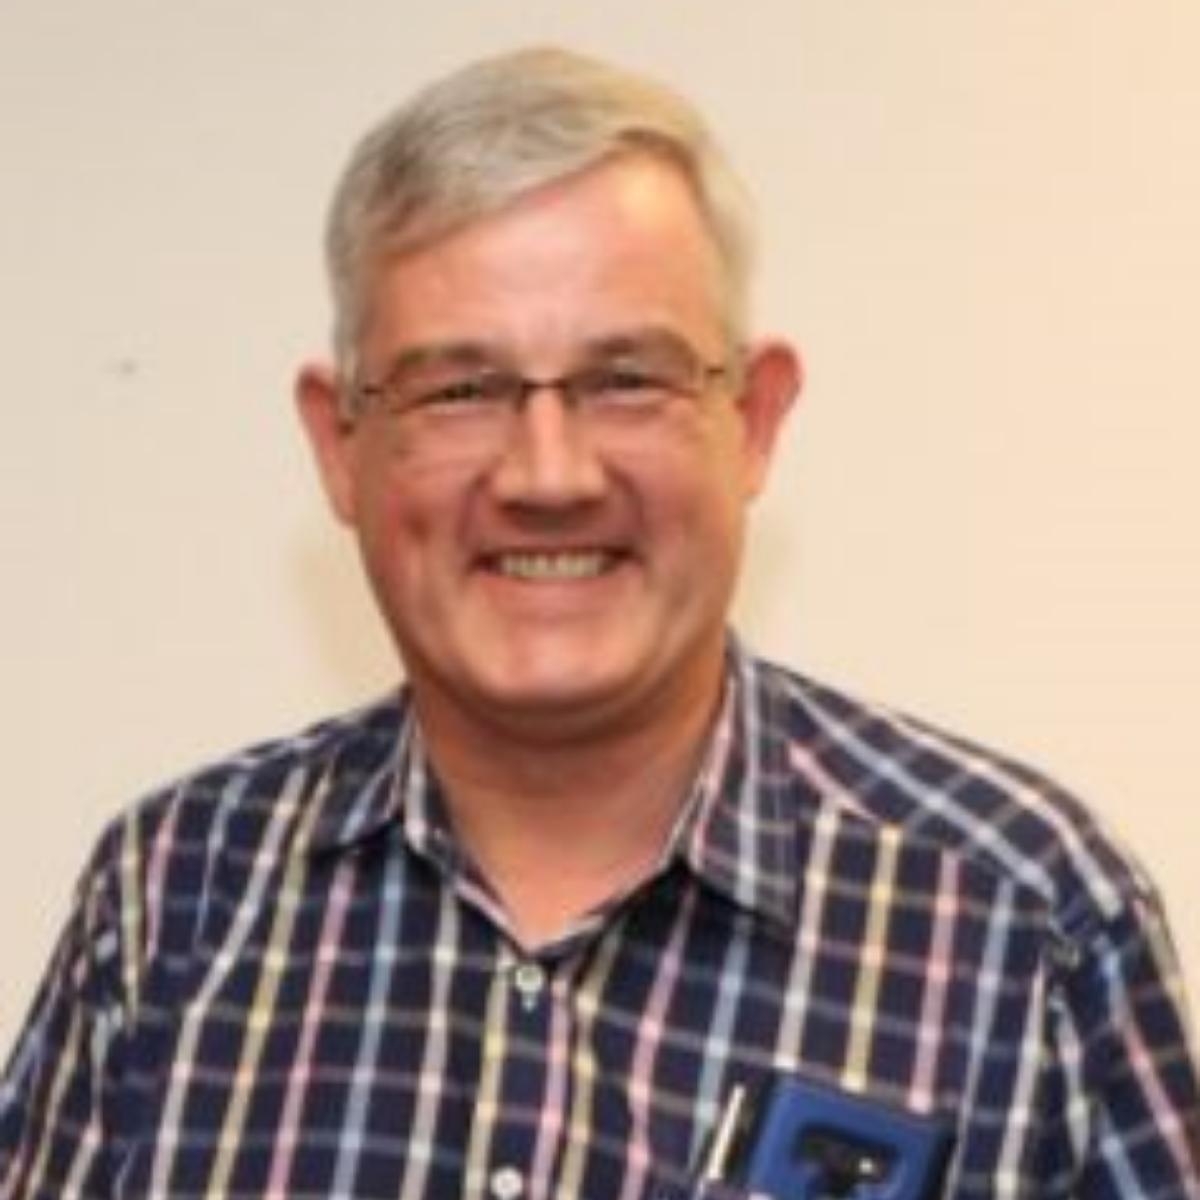 David Moyle